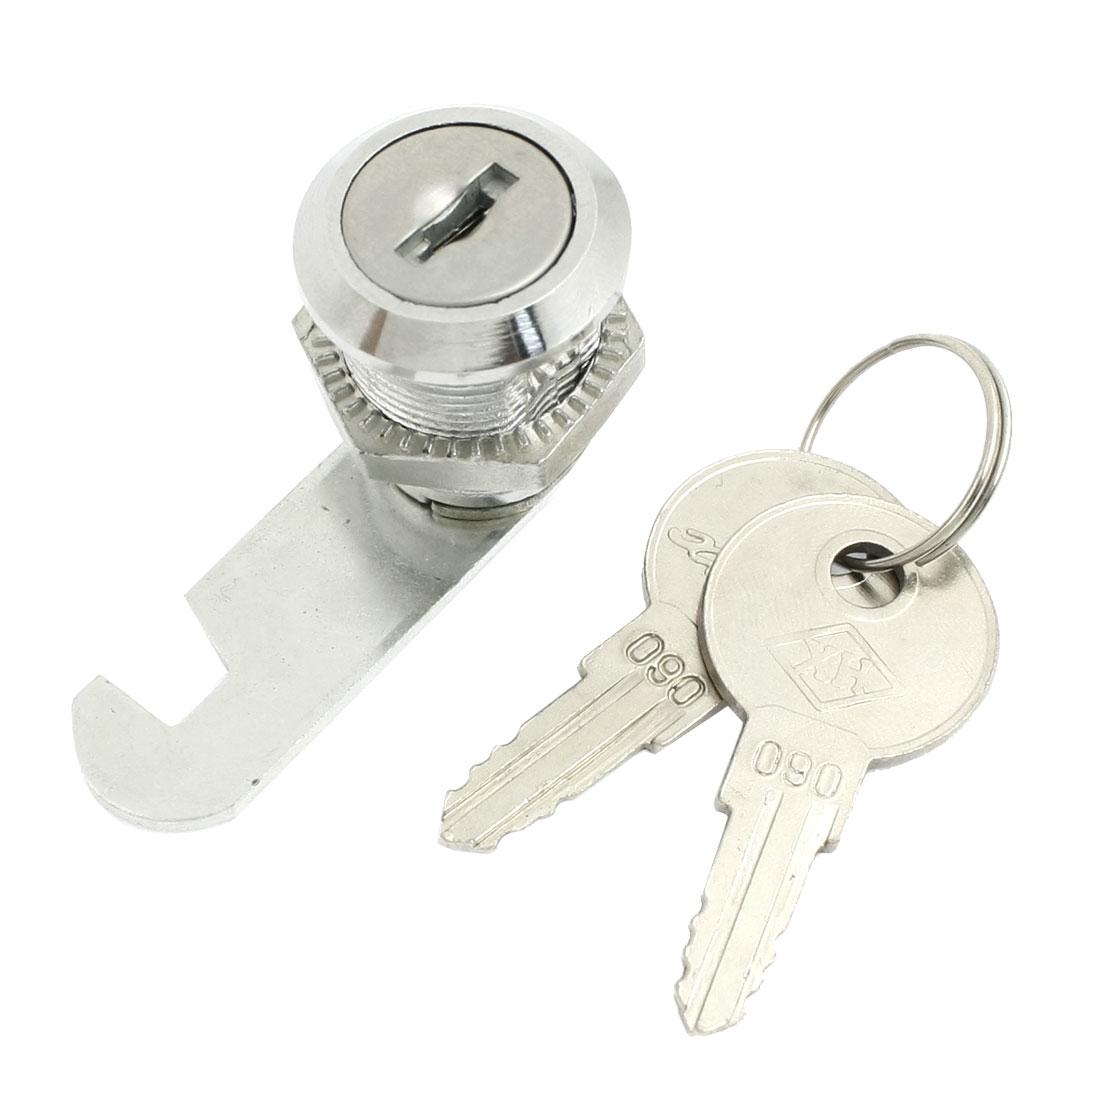 Cabinet 18.5mm Dia Male Thread Cam Lock Silver Tone w 2 Keys